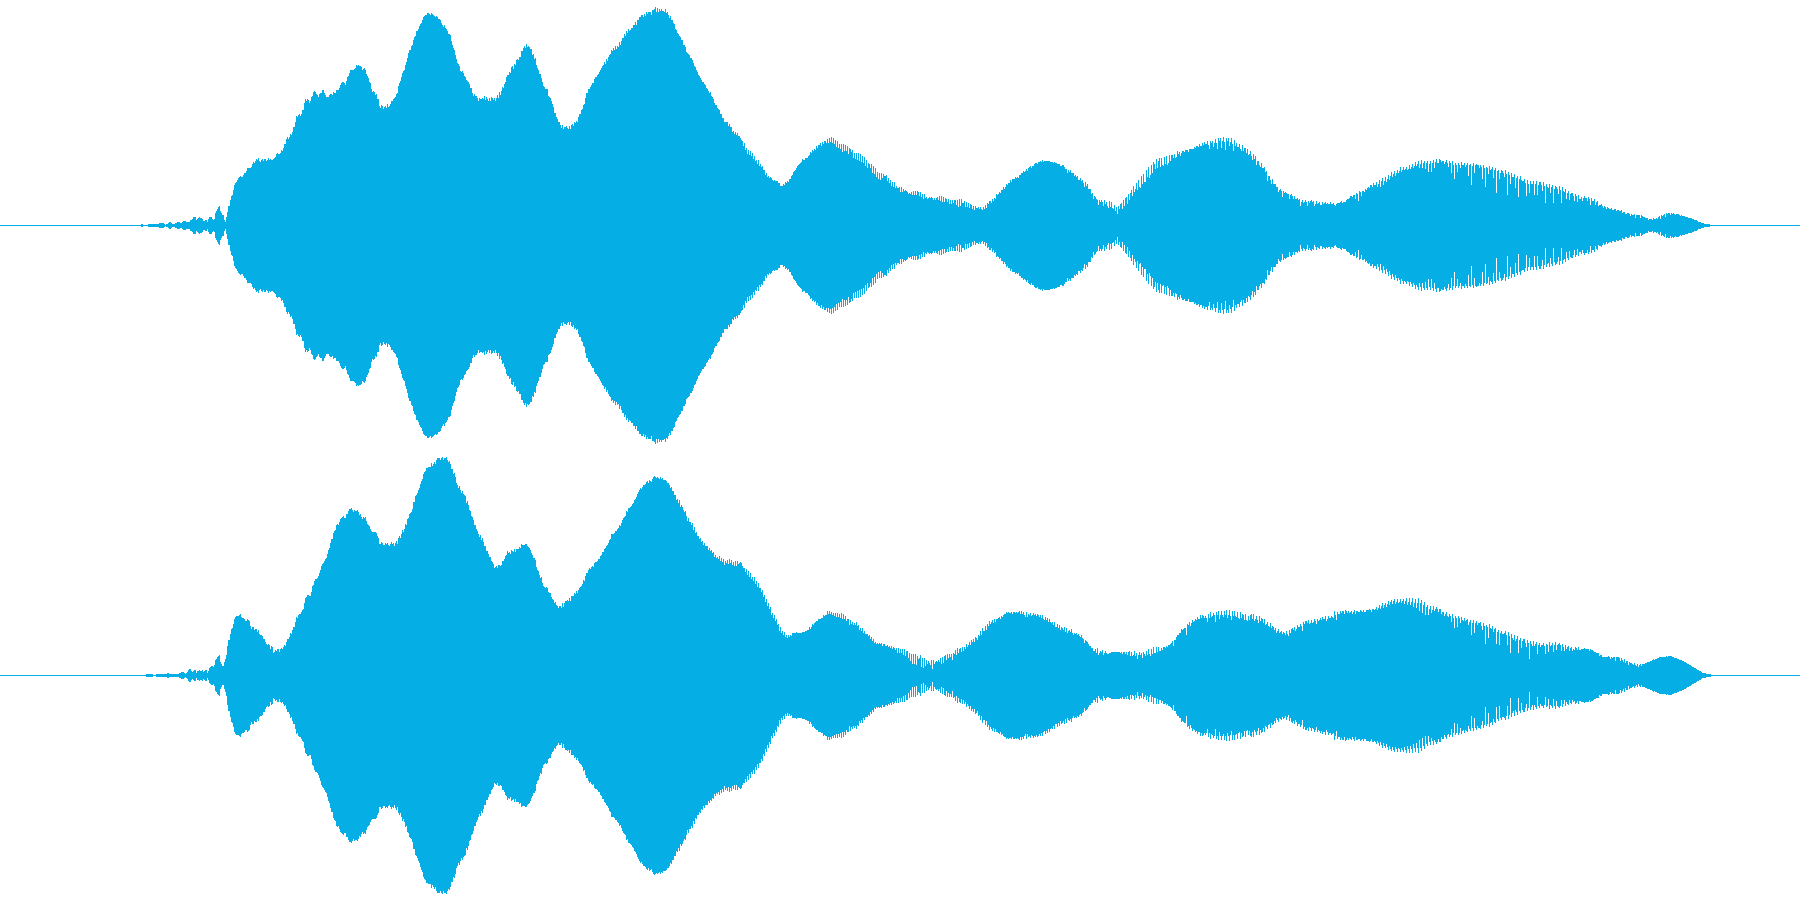 オノマトペ(やや長め下降)ヒヨーォーの再生済みの波形